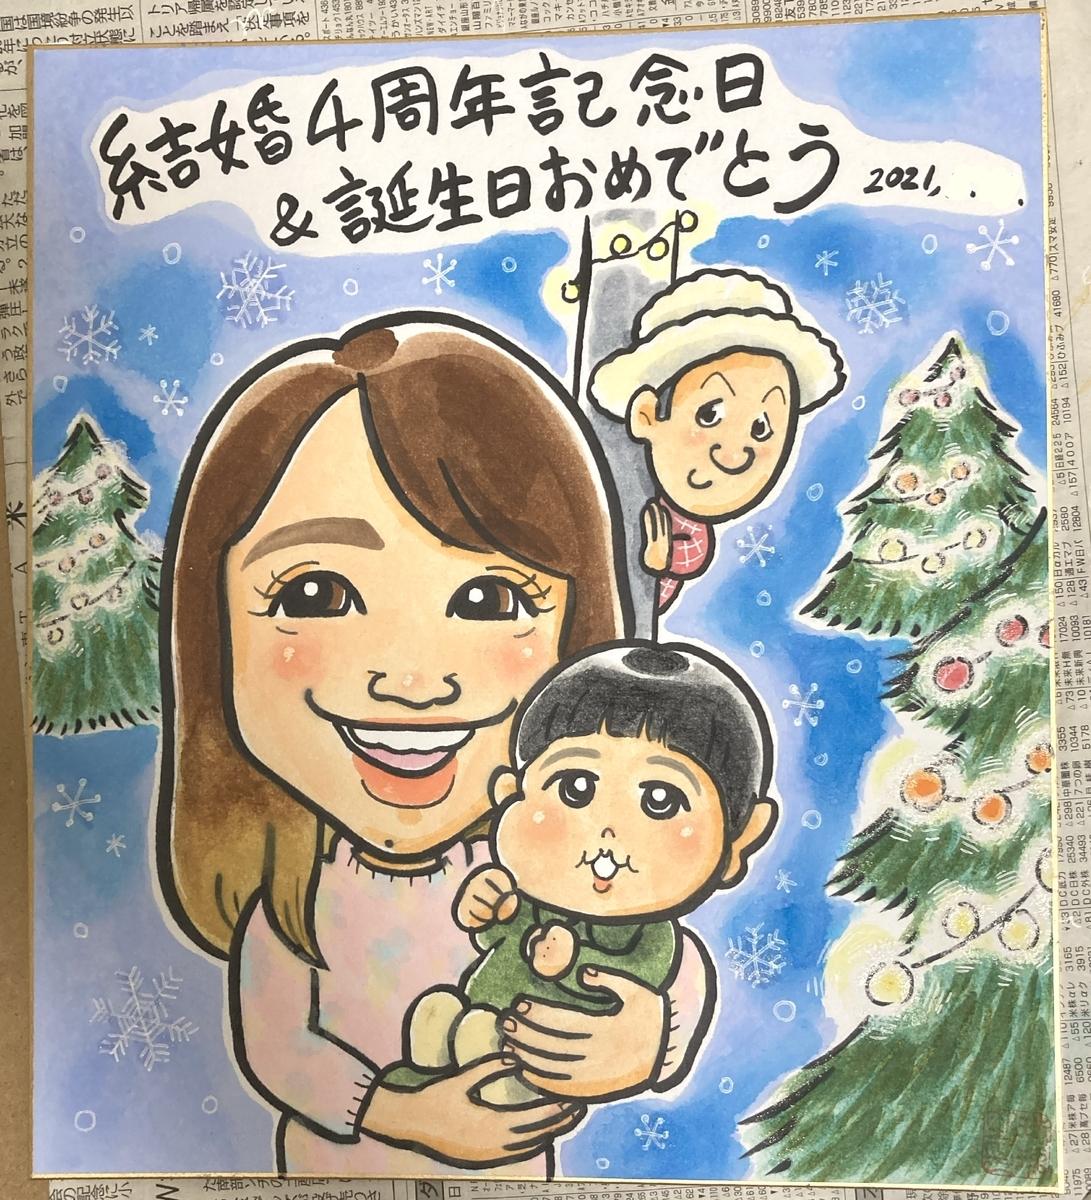 誕生日祝い、結婚記念日祝いの似顔絵 北海道札幌の似顔絵作家高井じゅり 似顔絵ファクトリー